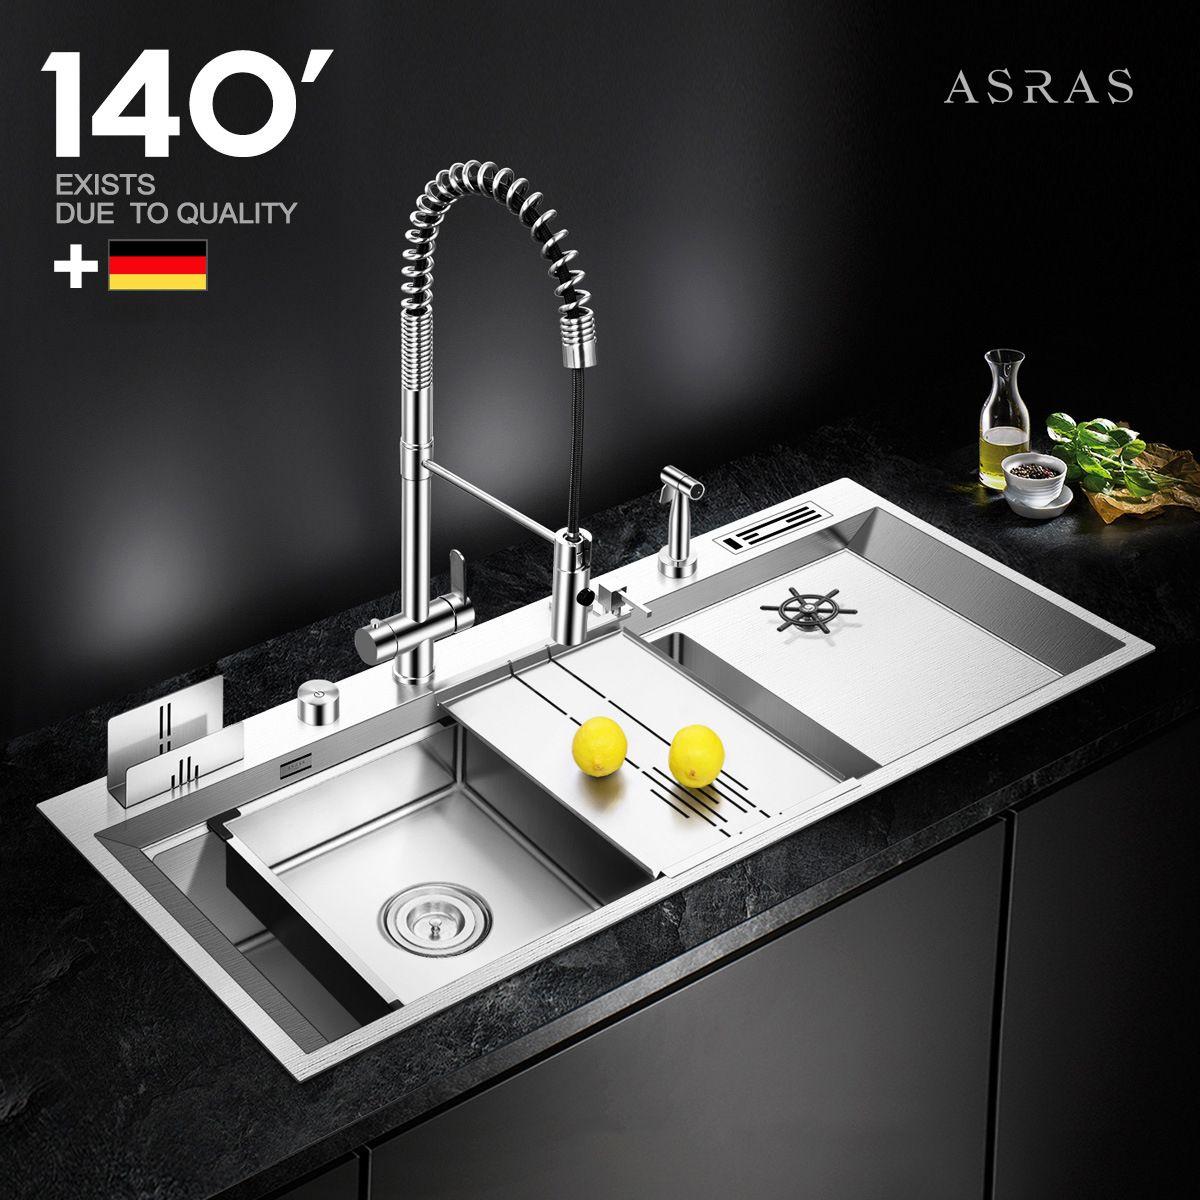 Chậu rửa bát thông minh đa chức năng tích hợp vòi phun rửa cốc chén tự động vô cùng tiện lợi AS-11850T